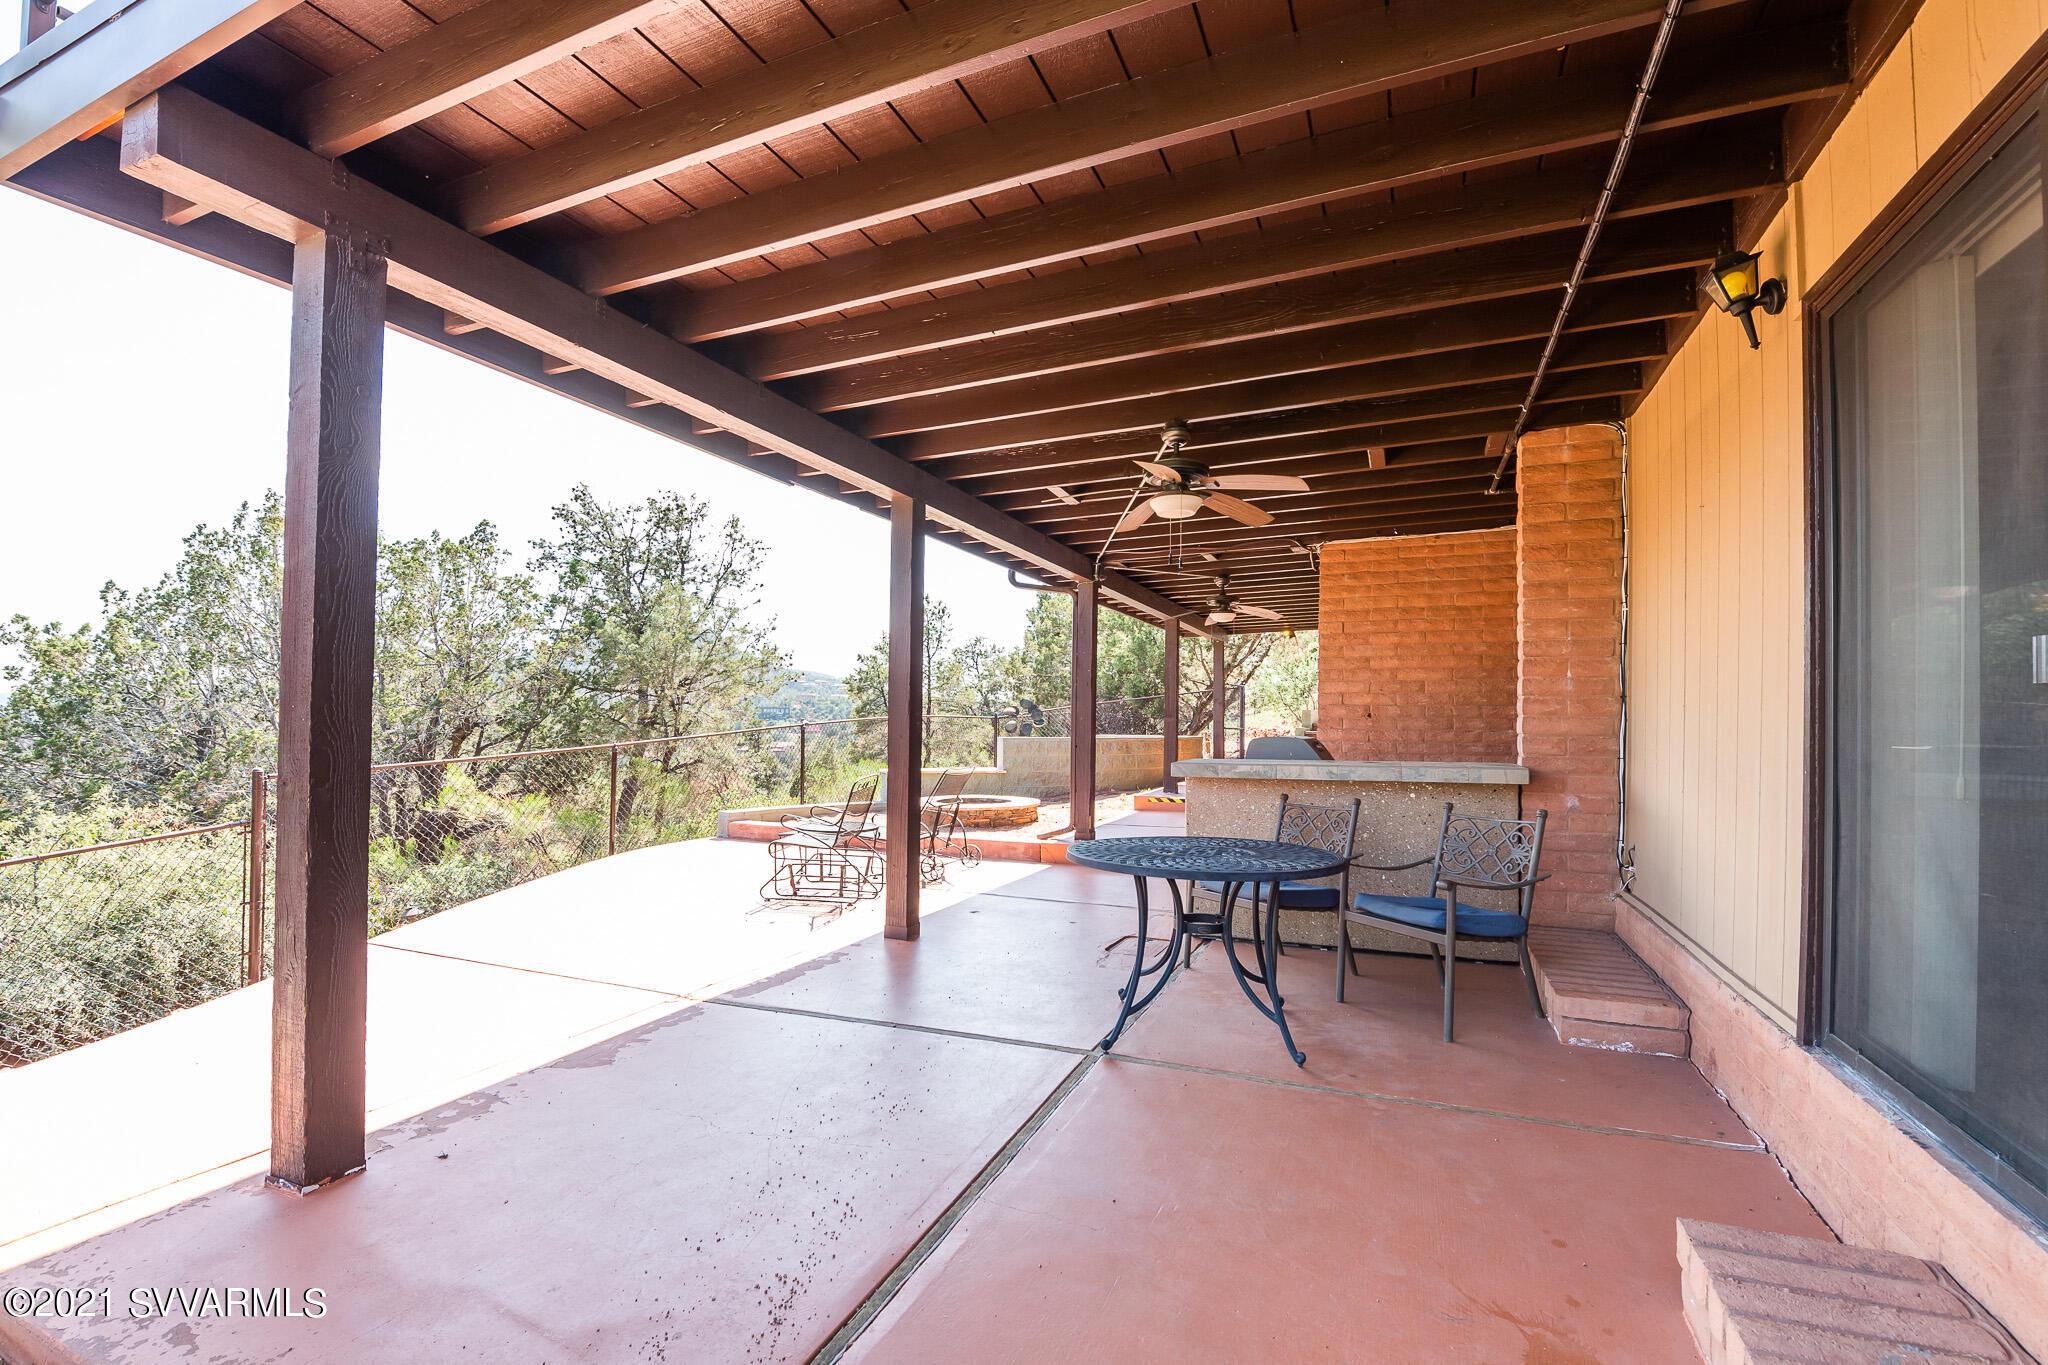 731 Forest Rd Sedona, AZ 86336